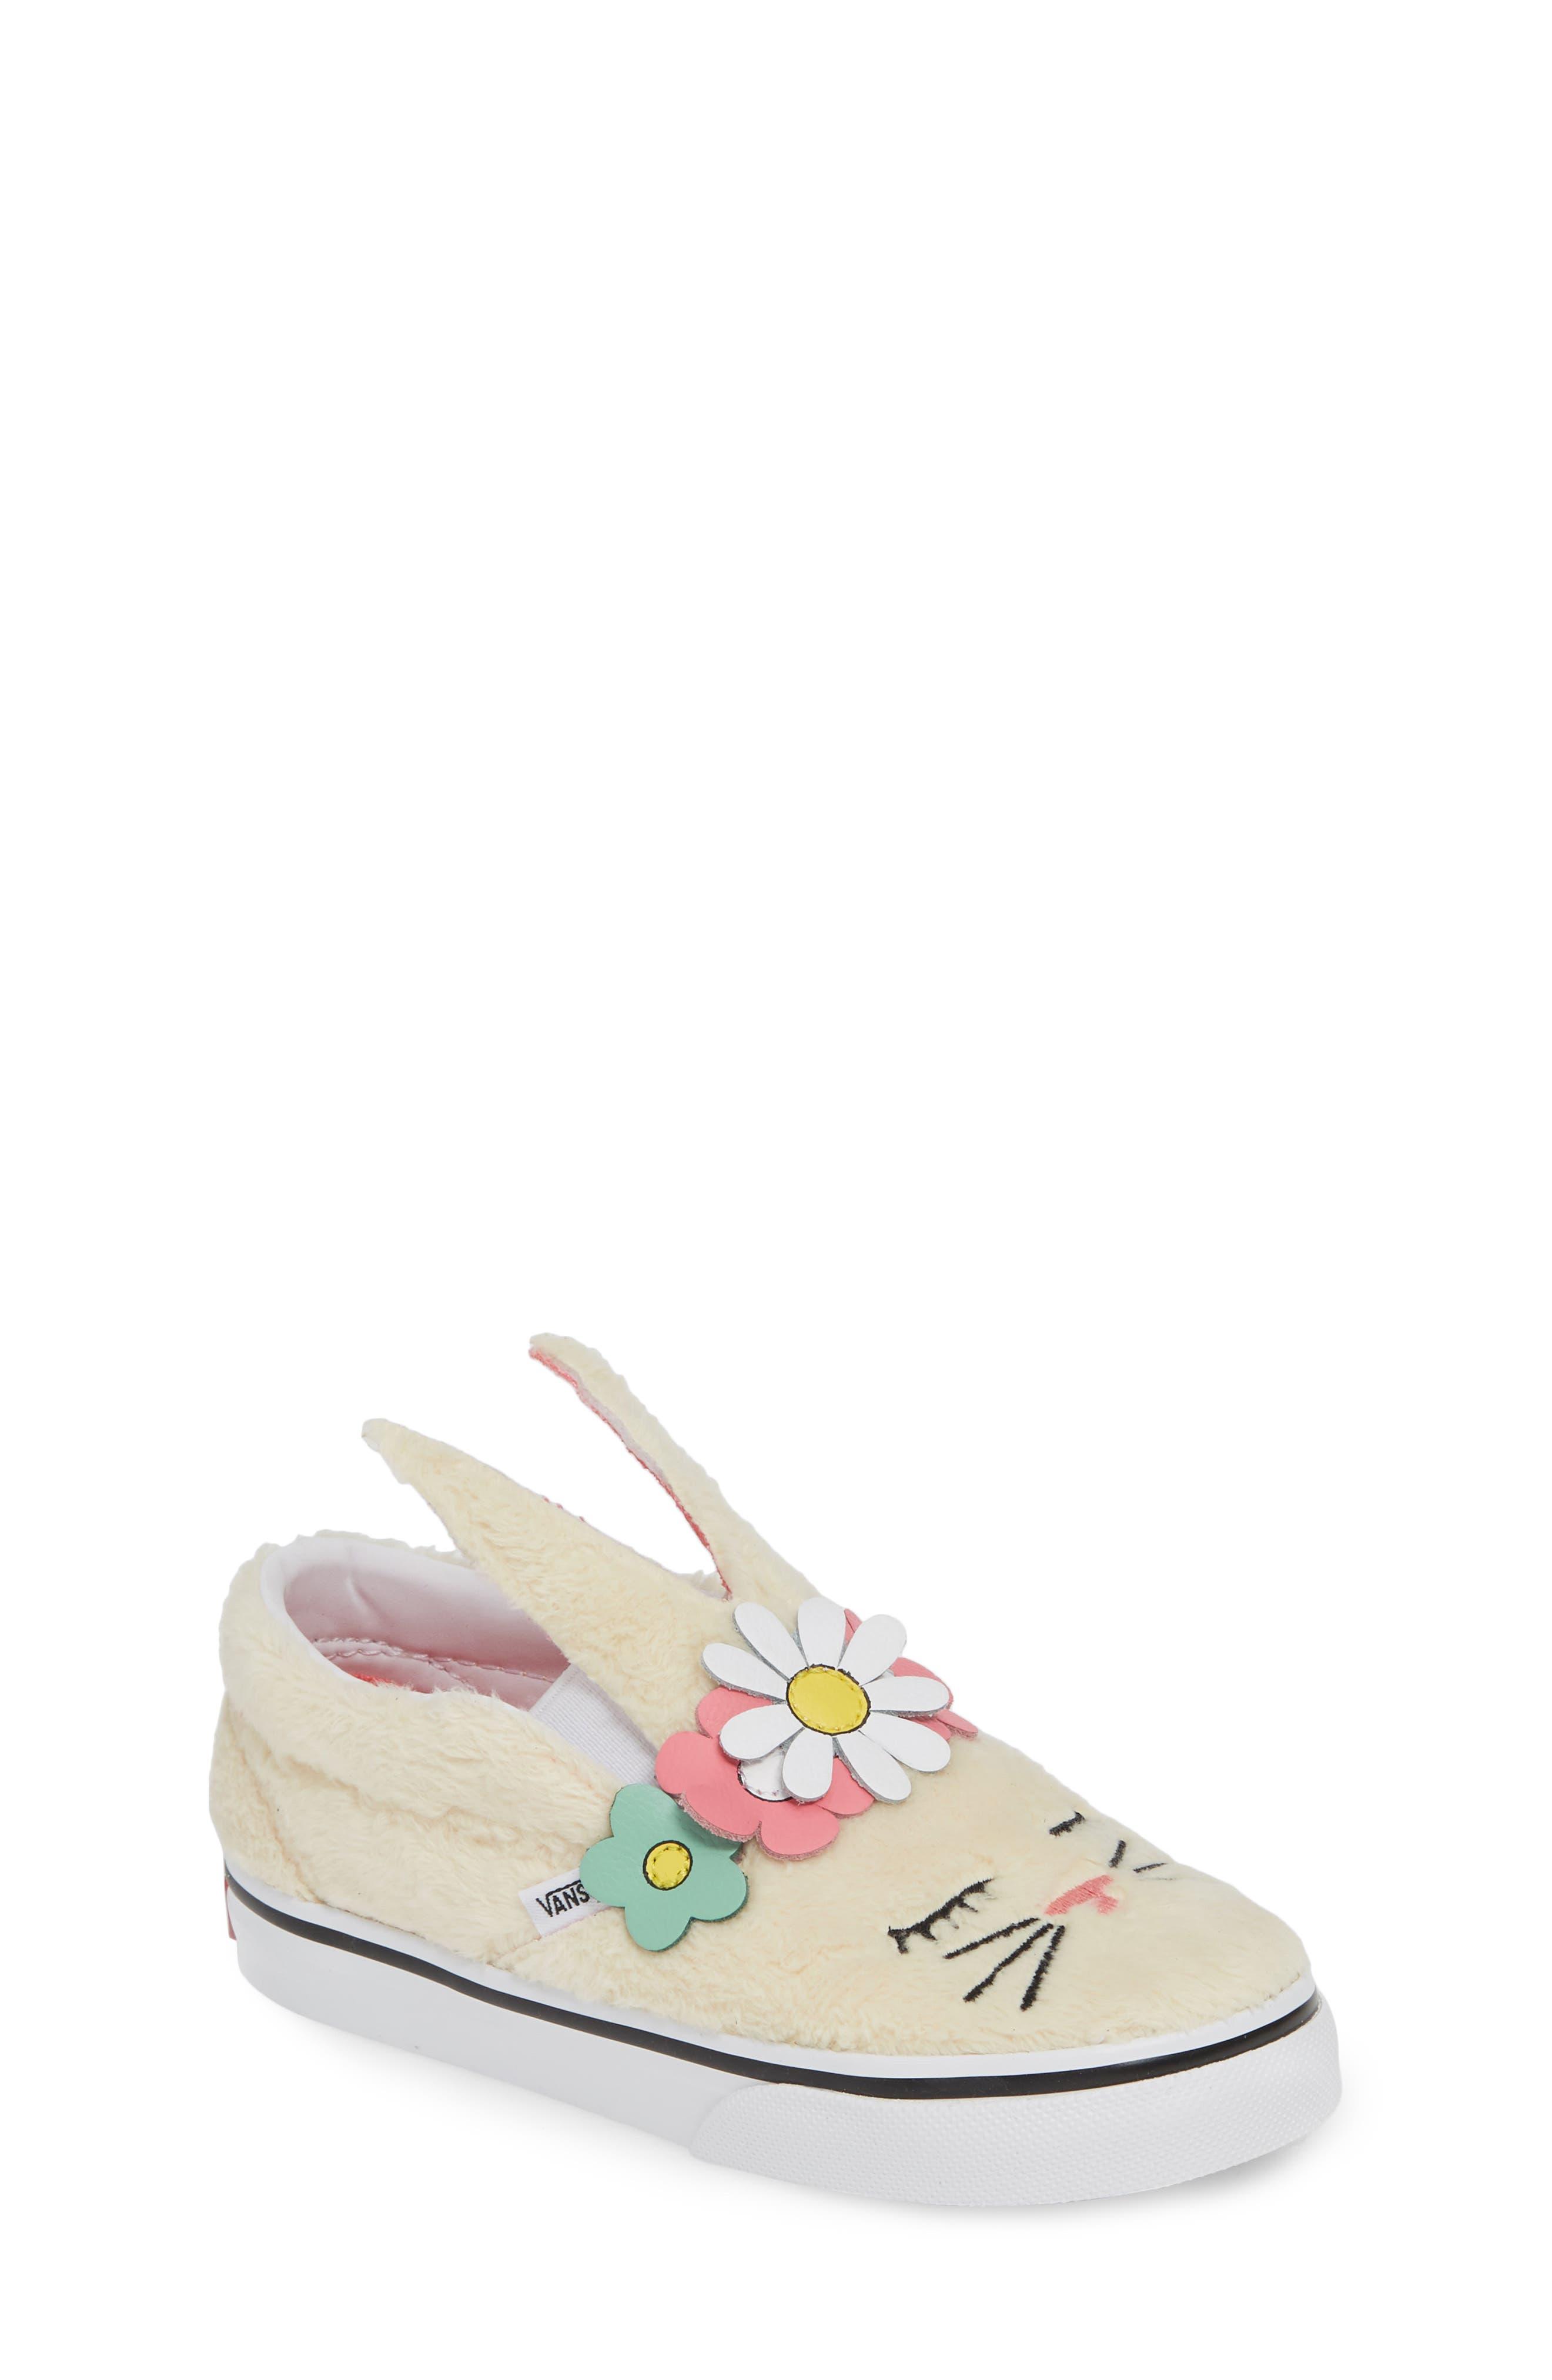 VANS Slip-On Bunny Sneaker, Main, color, VANILLA CUSTARD